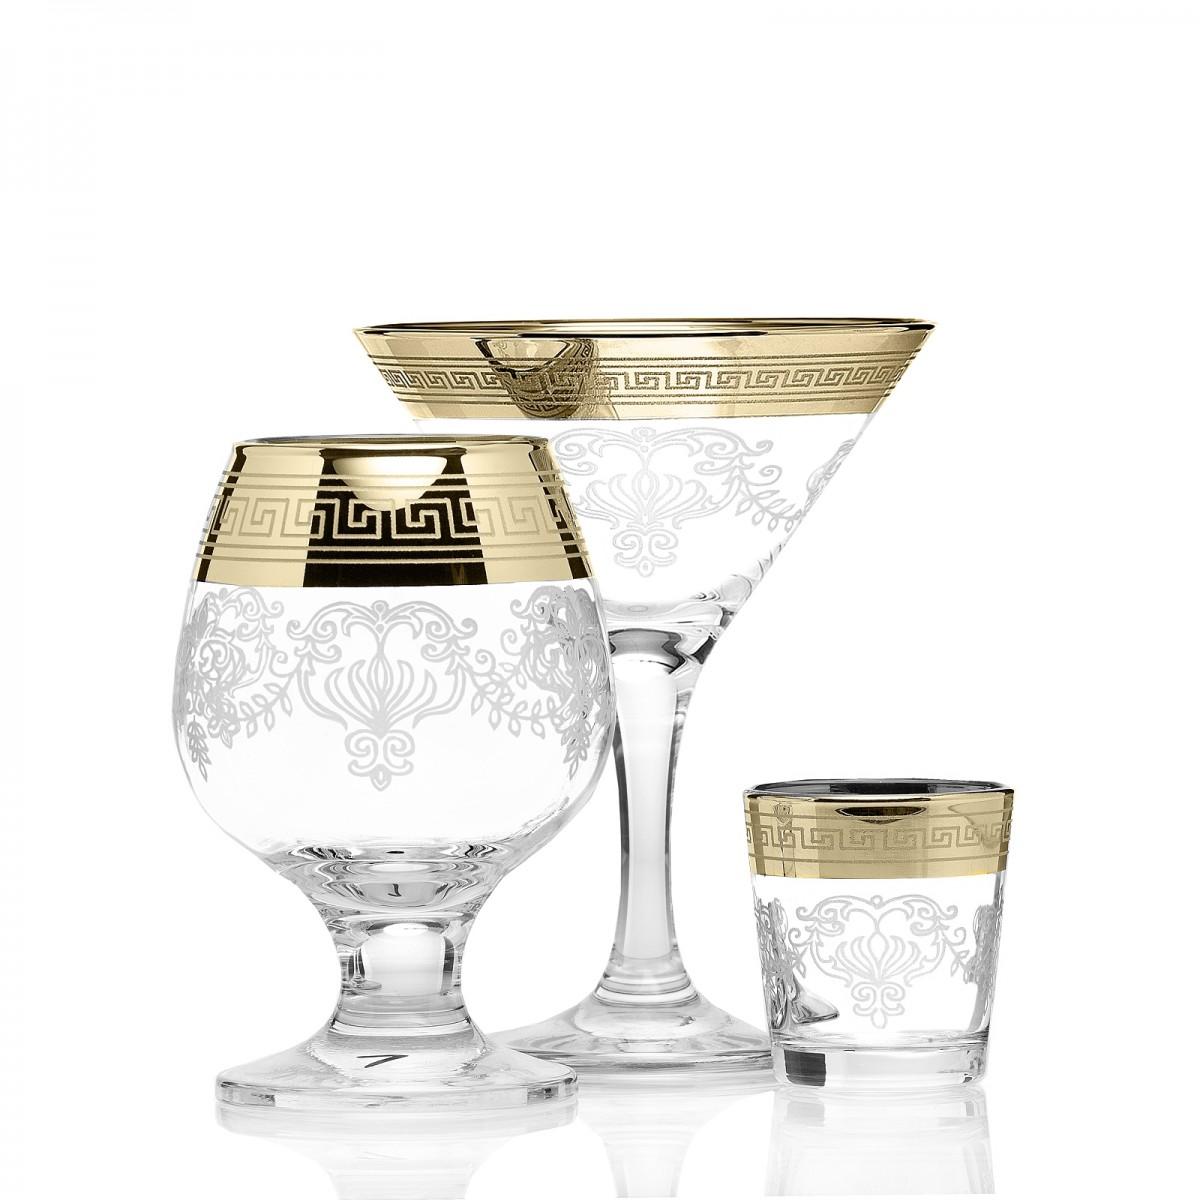 Набор 18 предметов «Барокко»  (6 бокалов мартини + 6 бокалов бренди + 6 стопок)